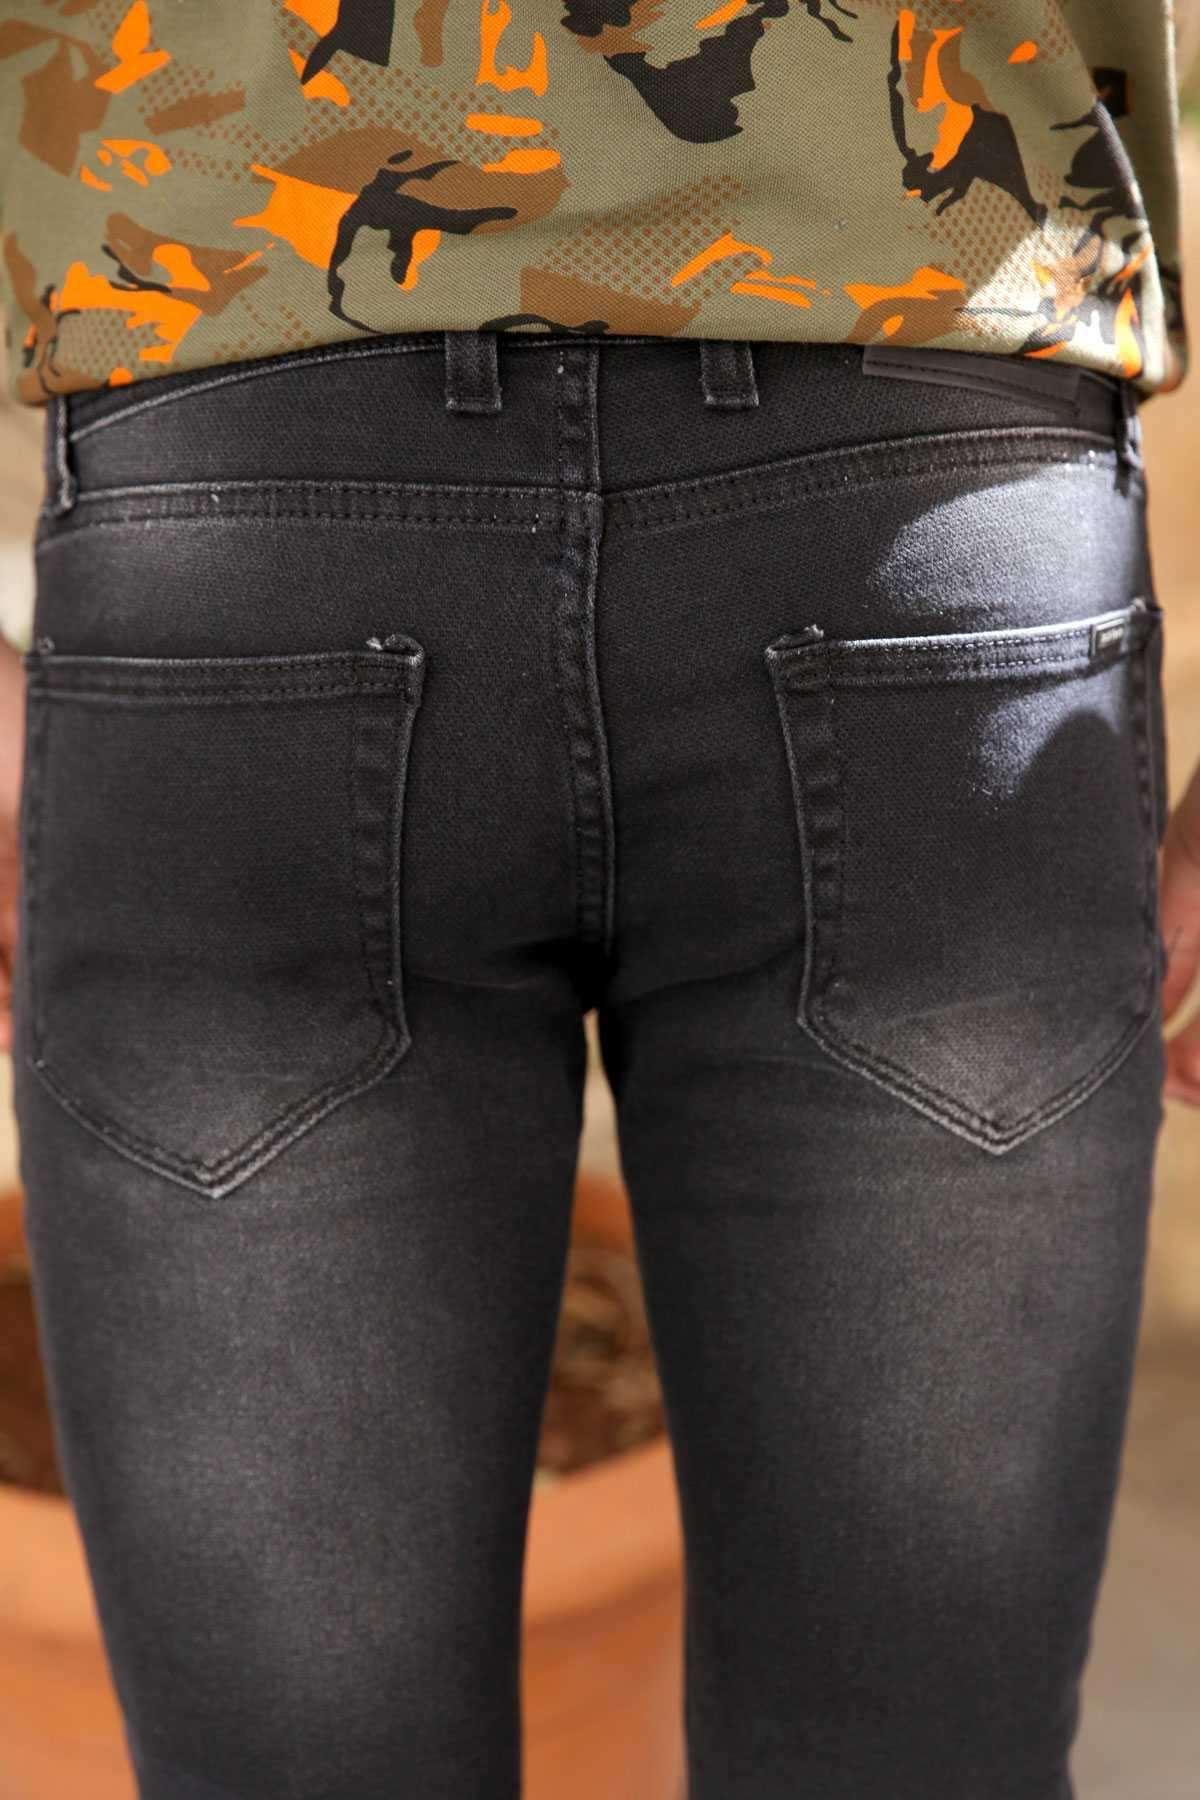 Basic Taşlamalı Petek Slim Fit Kot Pantolon Siyah